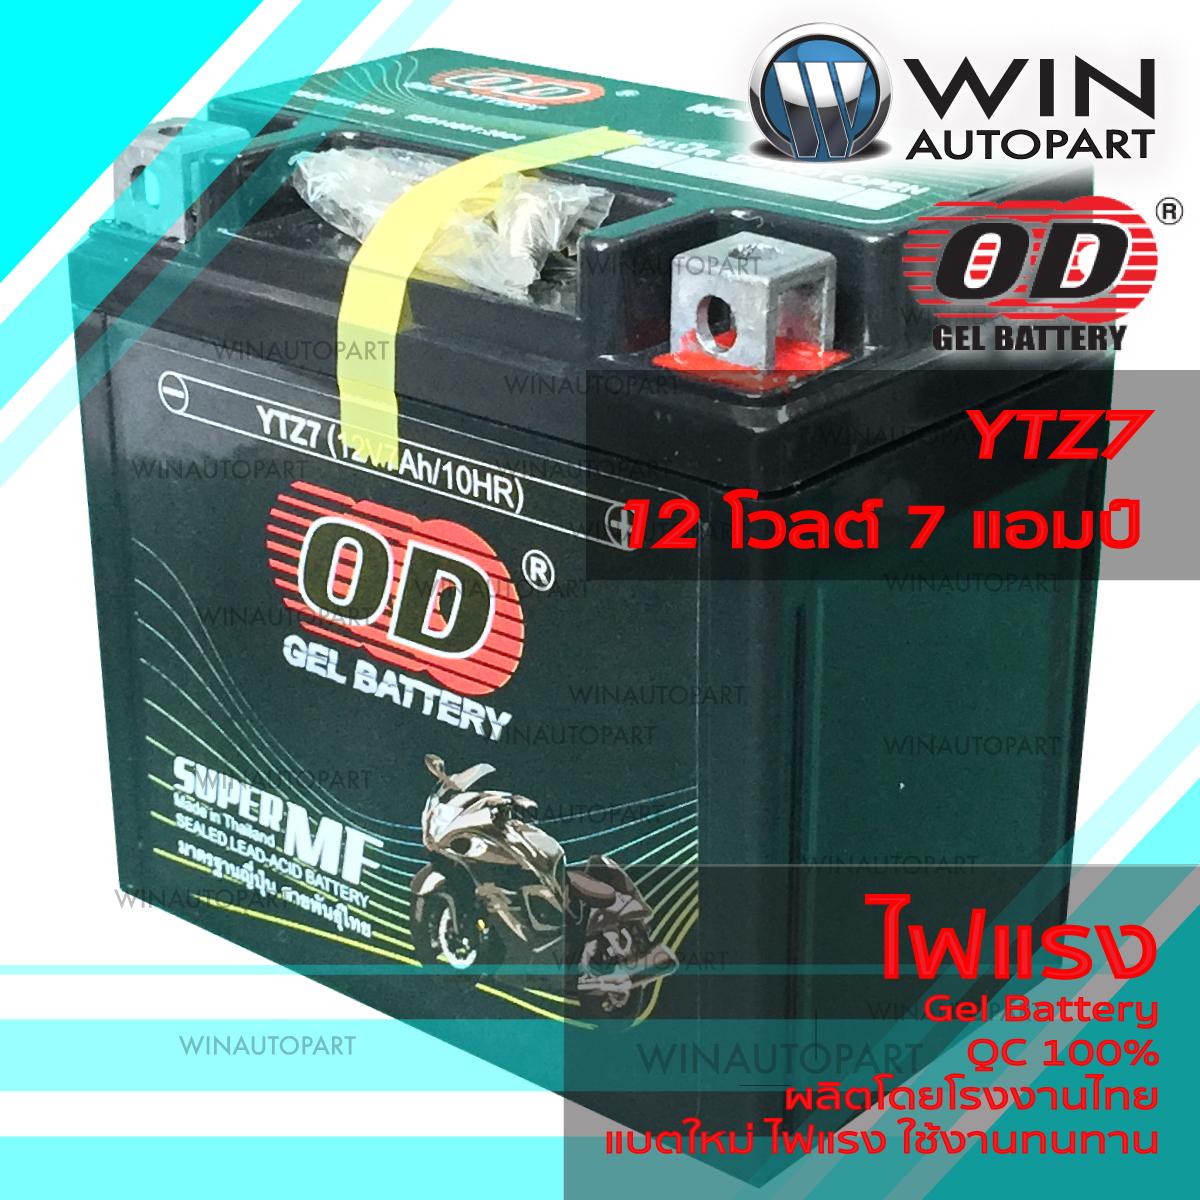 แบตเตอรี่มอเตอร์ไซค์ รุ่น YTZ7 ขนาด 7 แอมป์ ยี่ห้อ OD